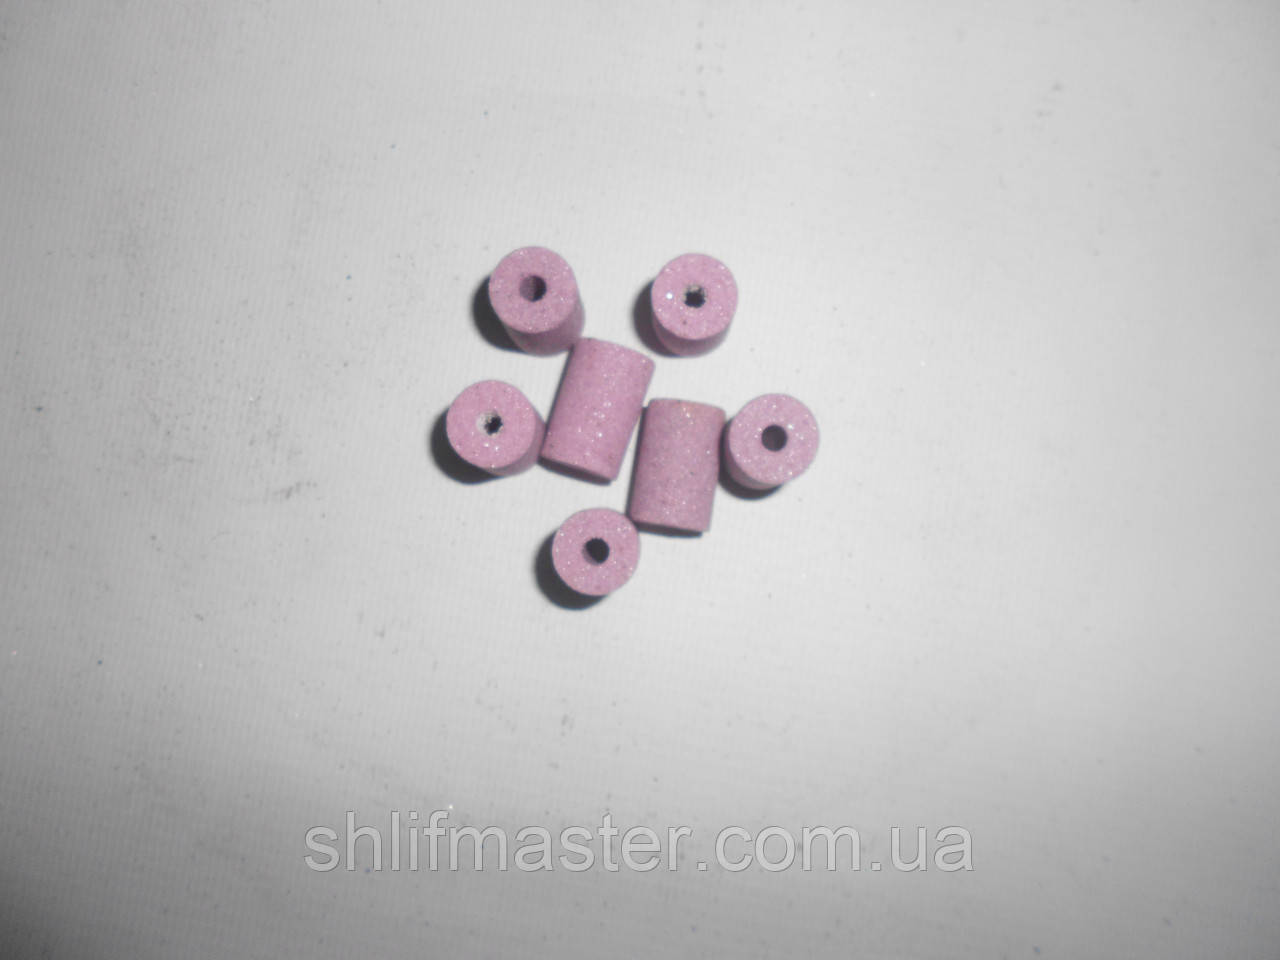 Круг абразивный шлифовальный прямого профиля (розовый) 92А 13х20х4